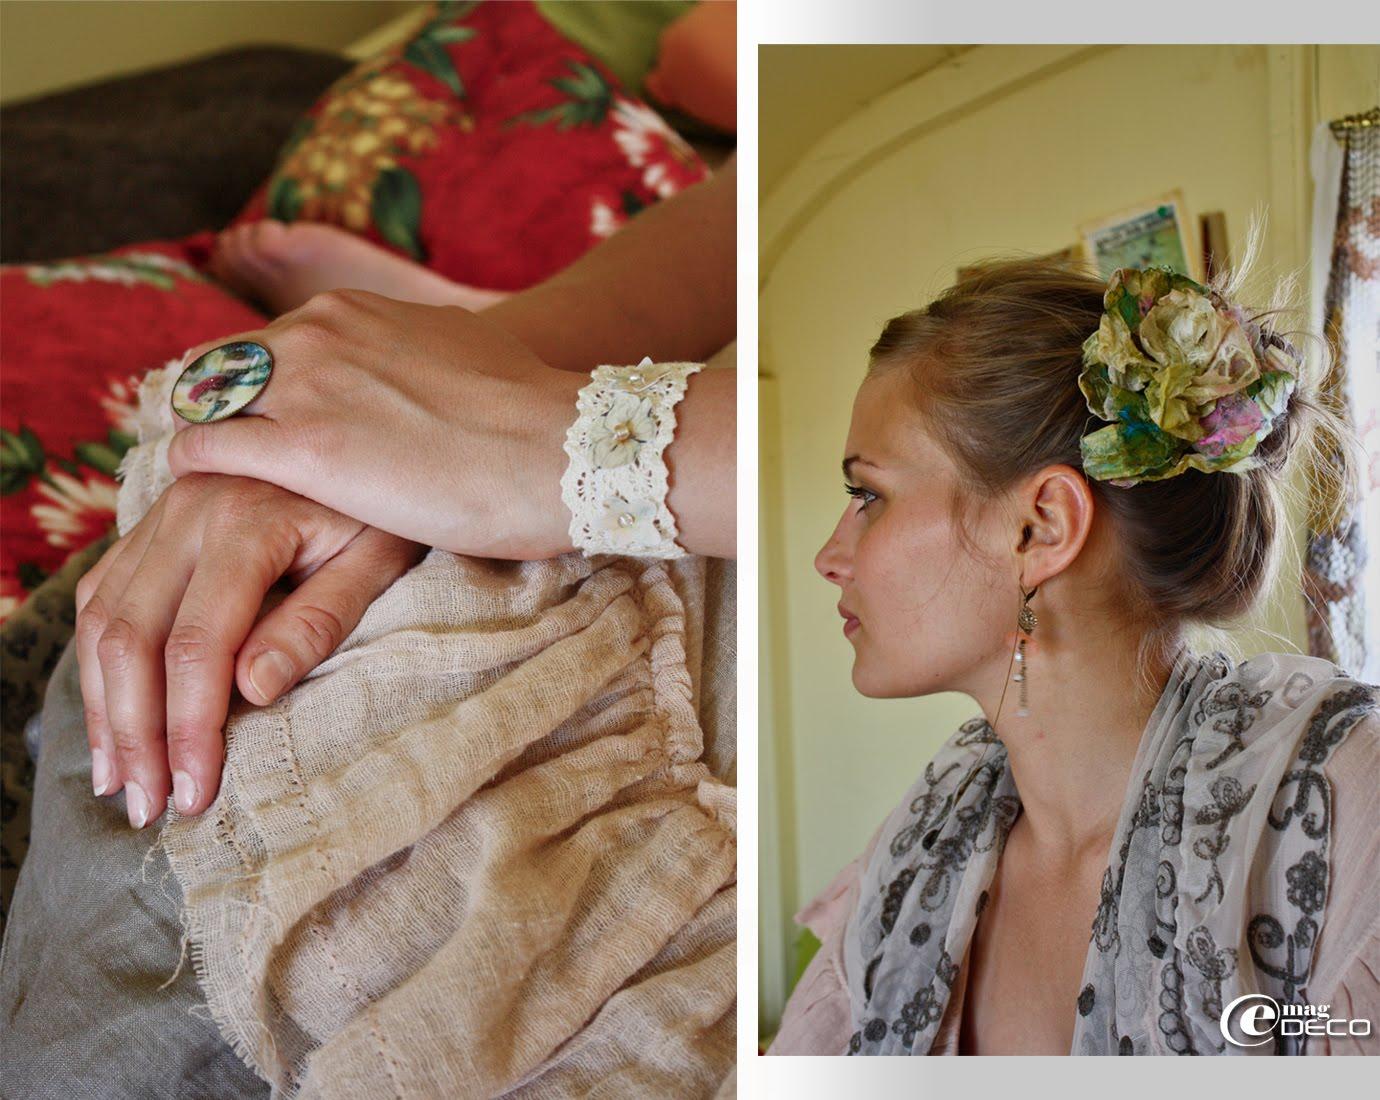 Bracelet en dentelle, création Audelia d'Anran et bague de la collection Couleur Bohème, création Fibuline au pays des Lunes...